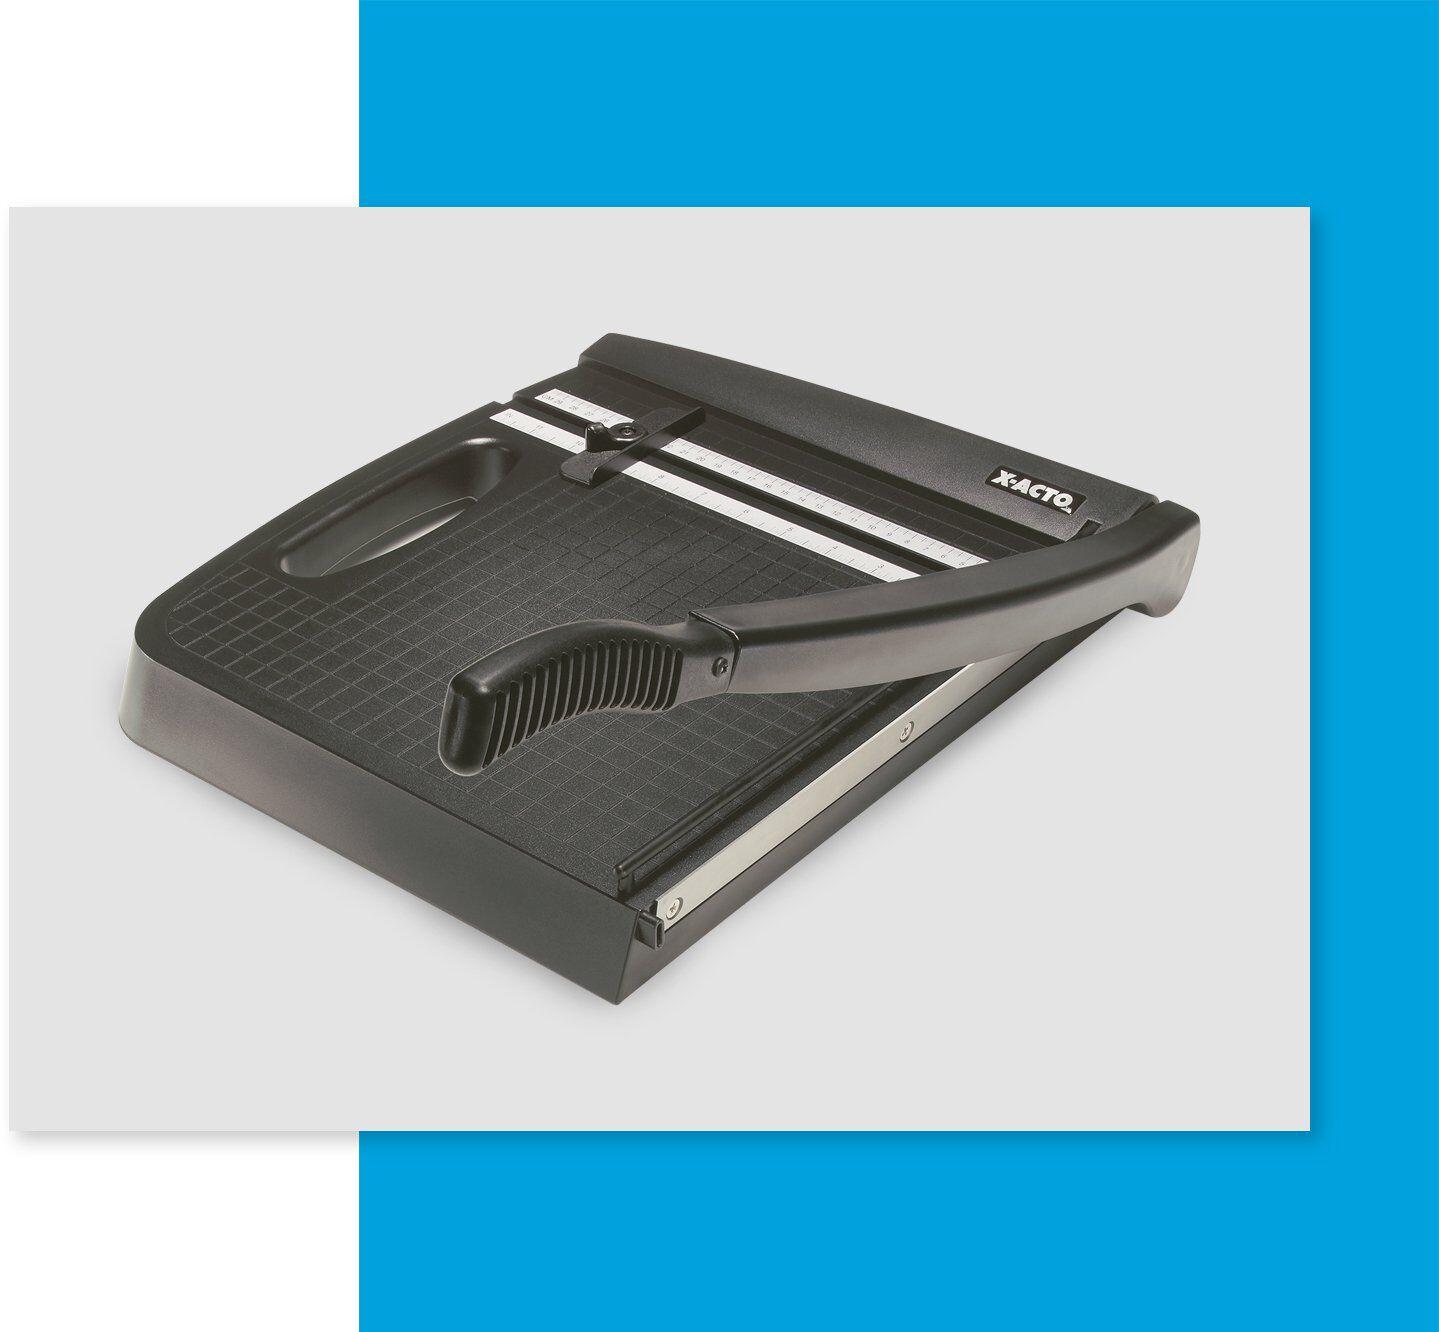 Plastic paper cutter